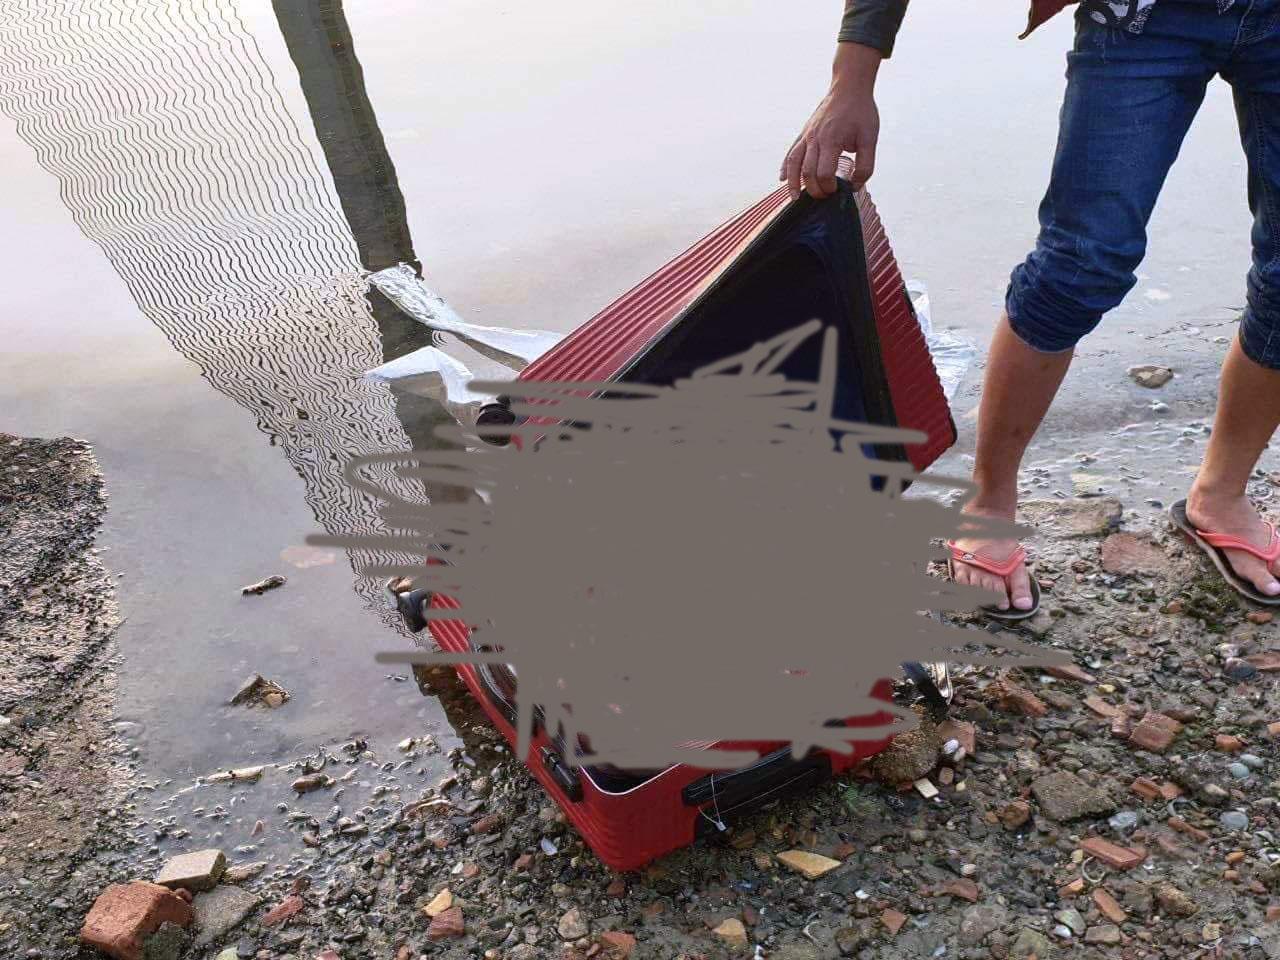 Thông tin mới vụ phát hiện thi thể nữ giới trong vali ở Đà Nẵng 1